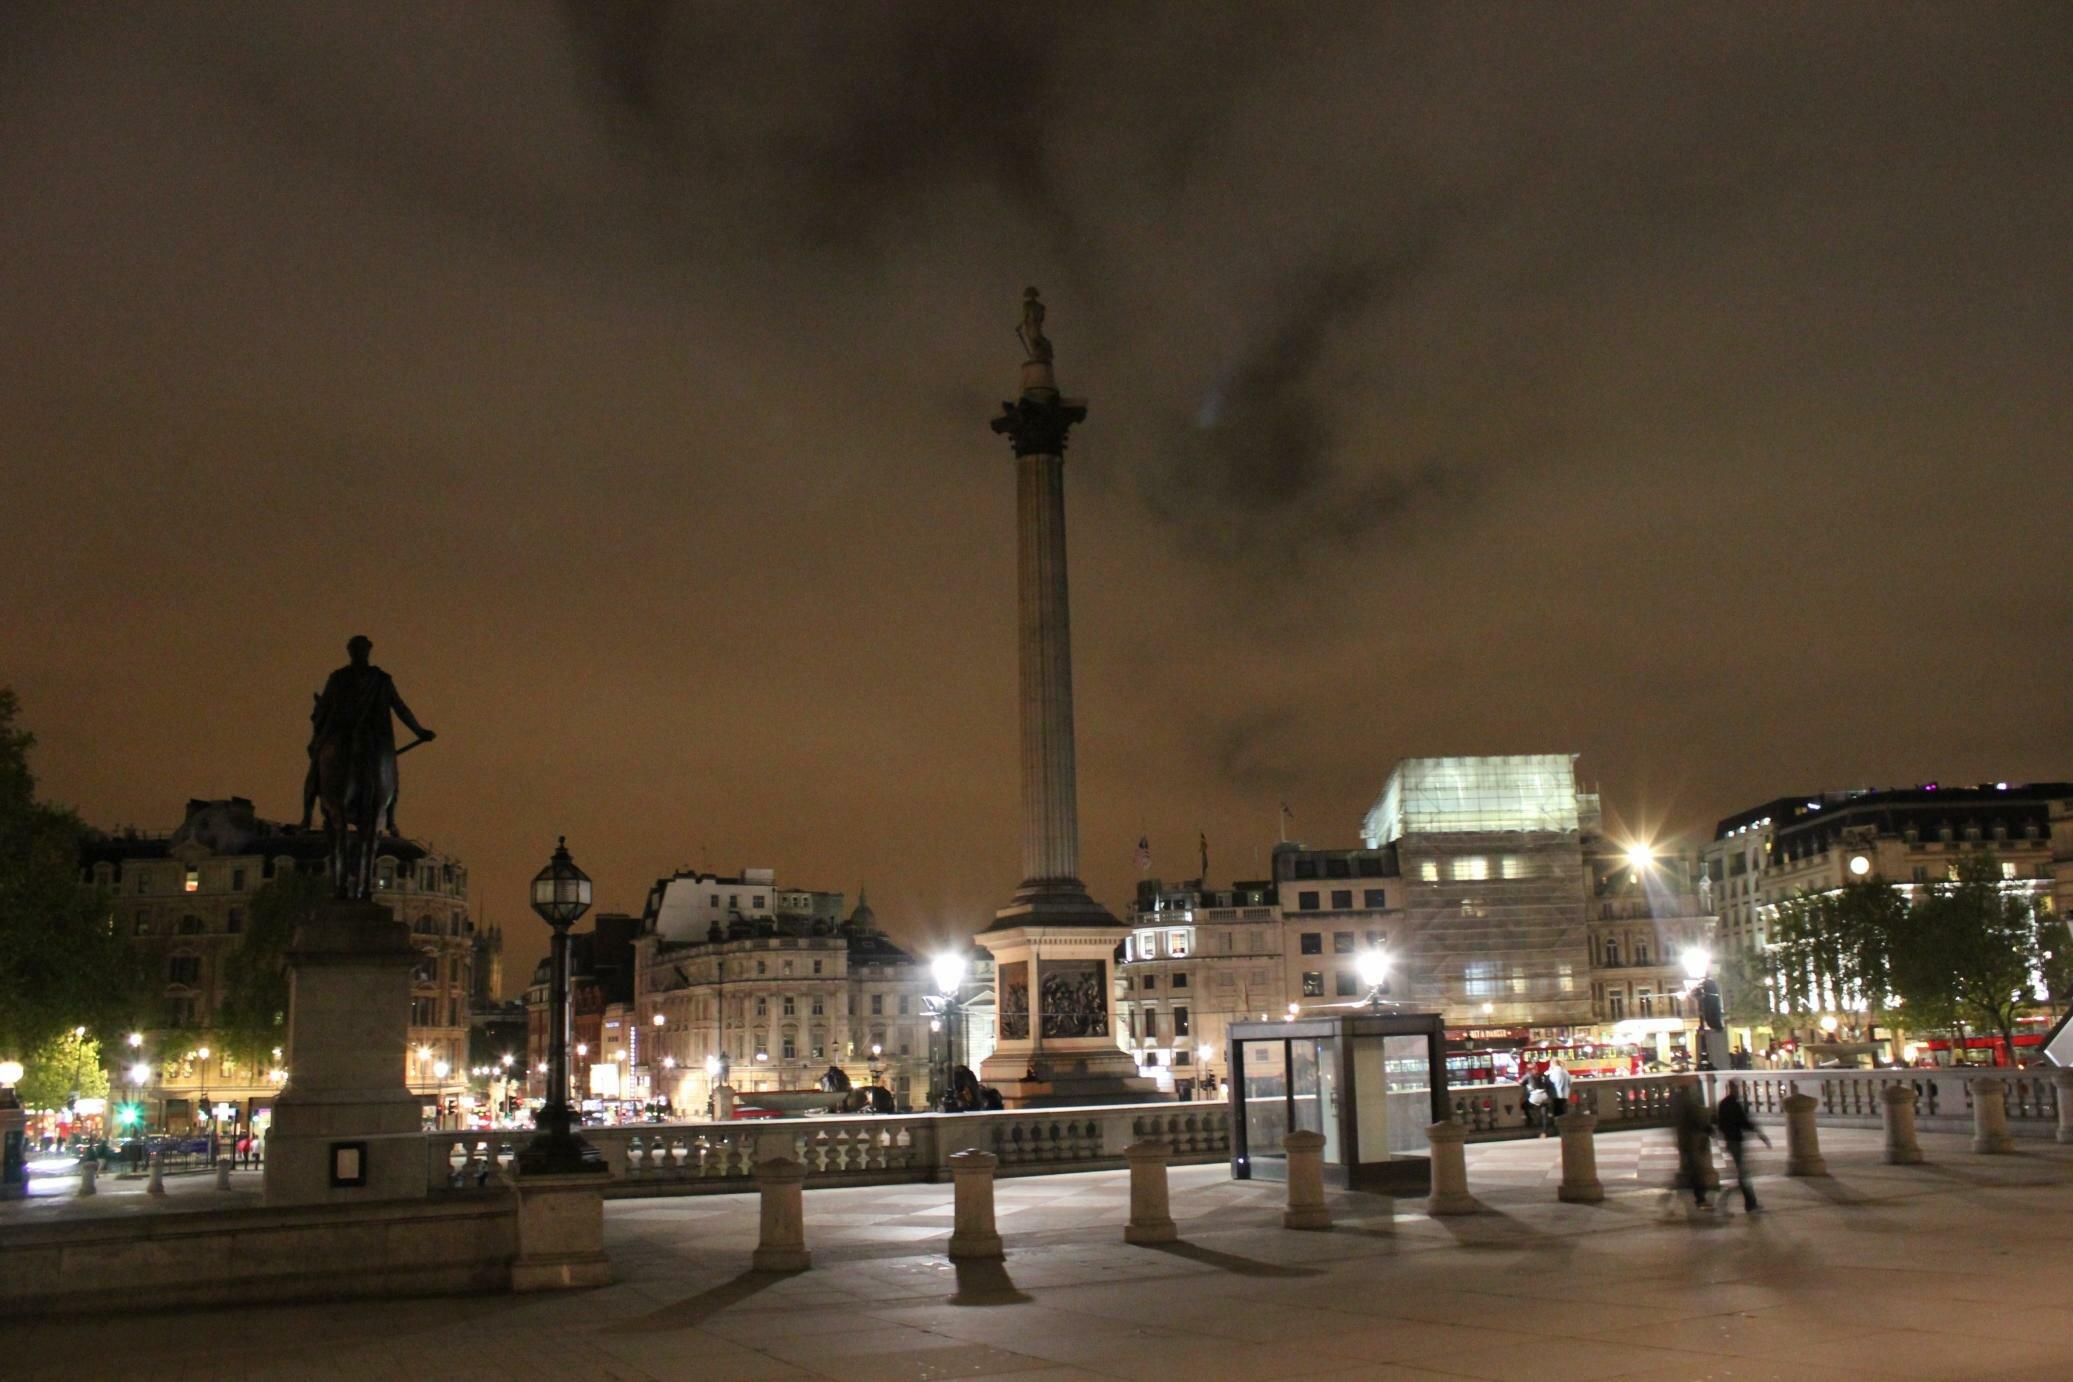 praça de londres mapa Trafalgar Square em Londres: Como visitar | Londres   Mapa de Londres praça de londres mapa